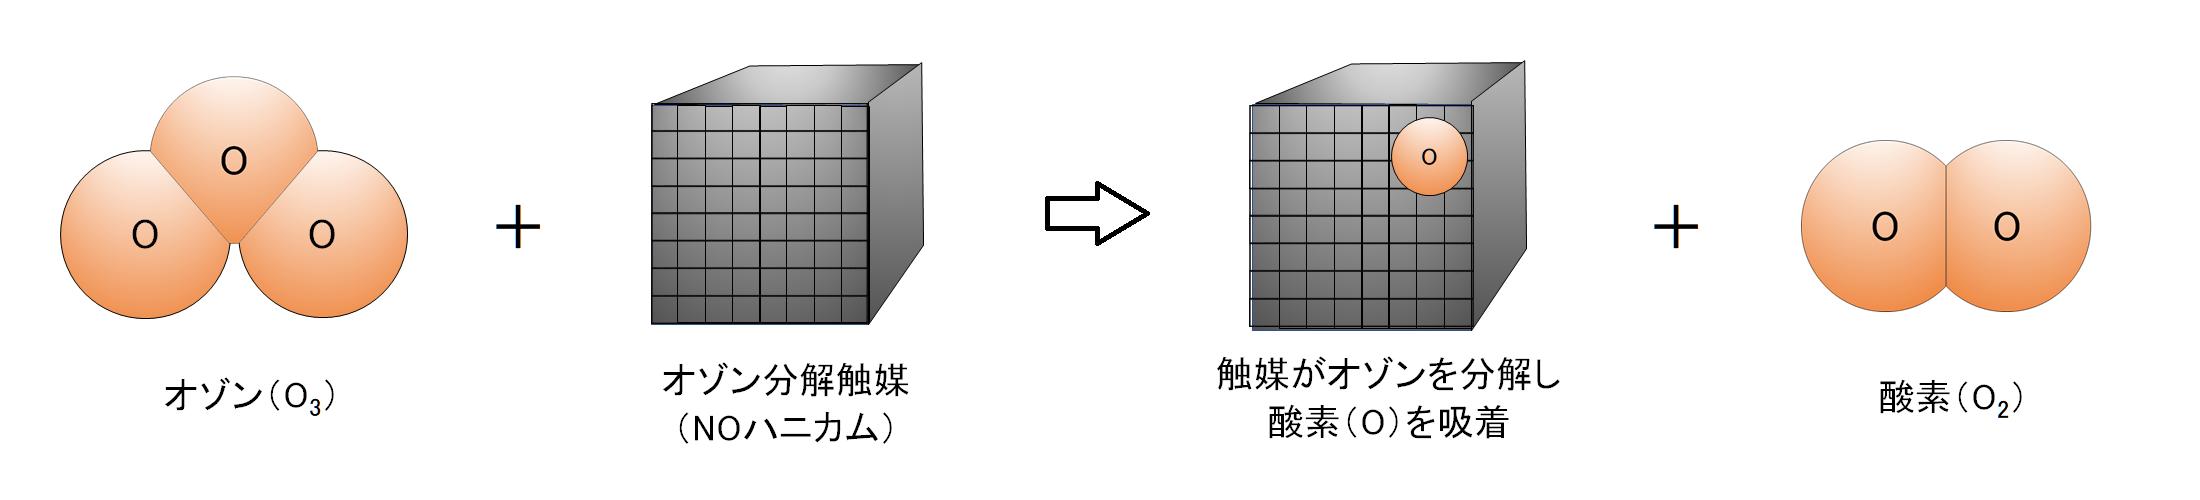 オゾン分解触媒・NOハニカムの動作原理イメージ(1)